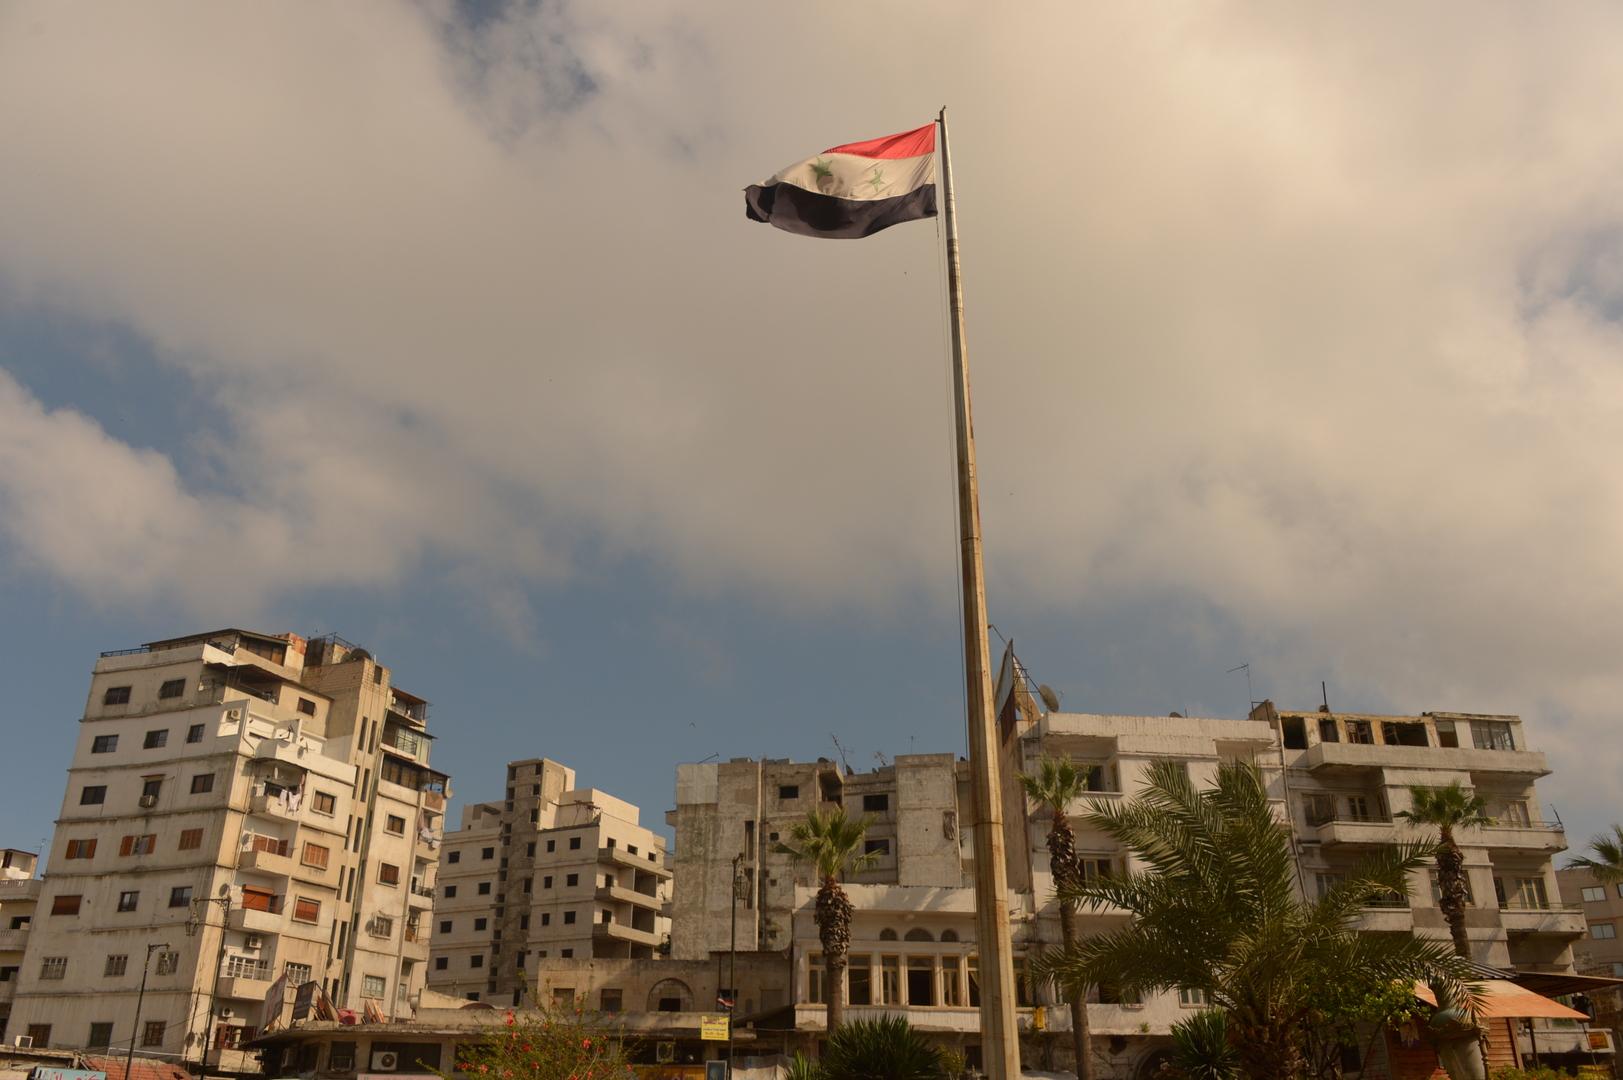 مباحثات سورية إيرانية حول التبادل التجاري وتنفيذ الاتفاقيات الاقتصادية المبرمة بينهما